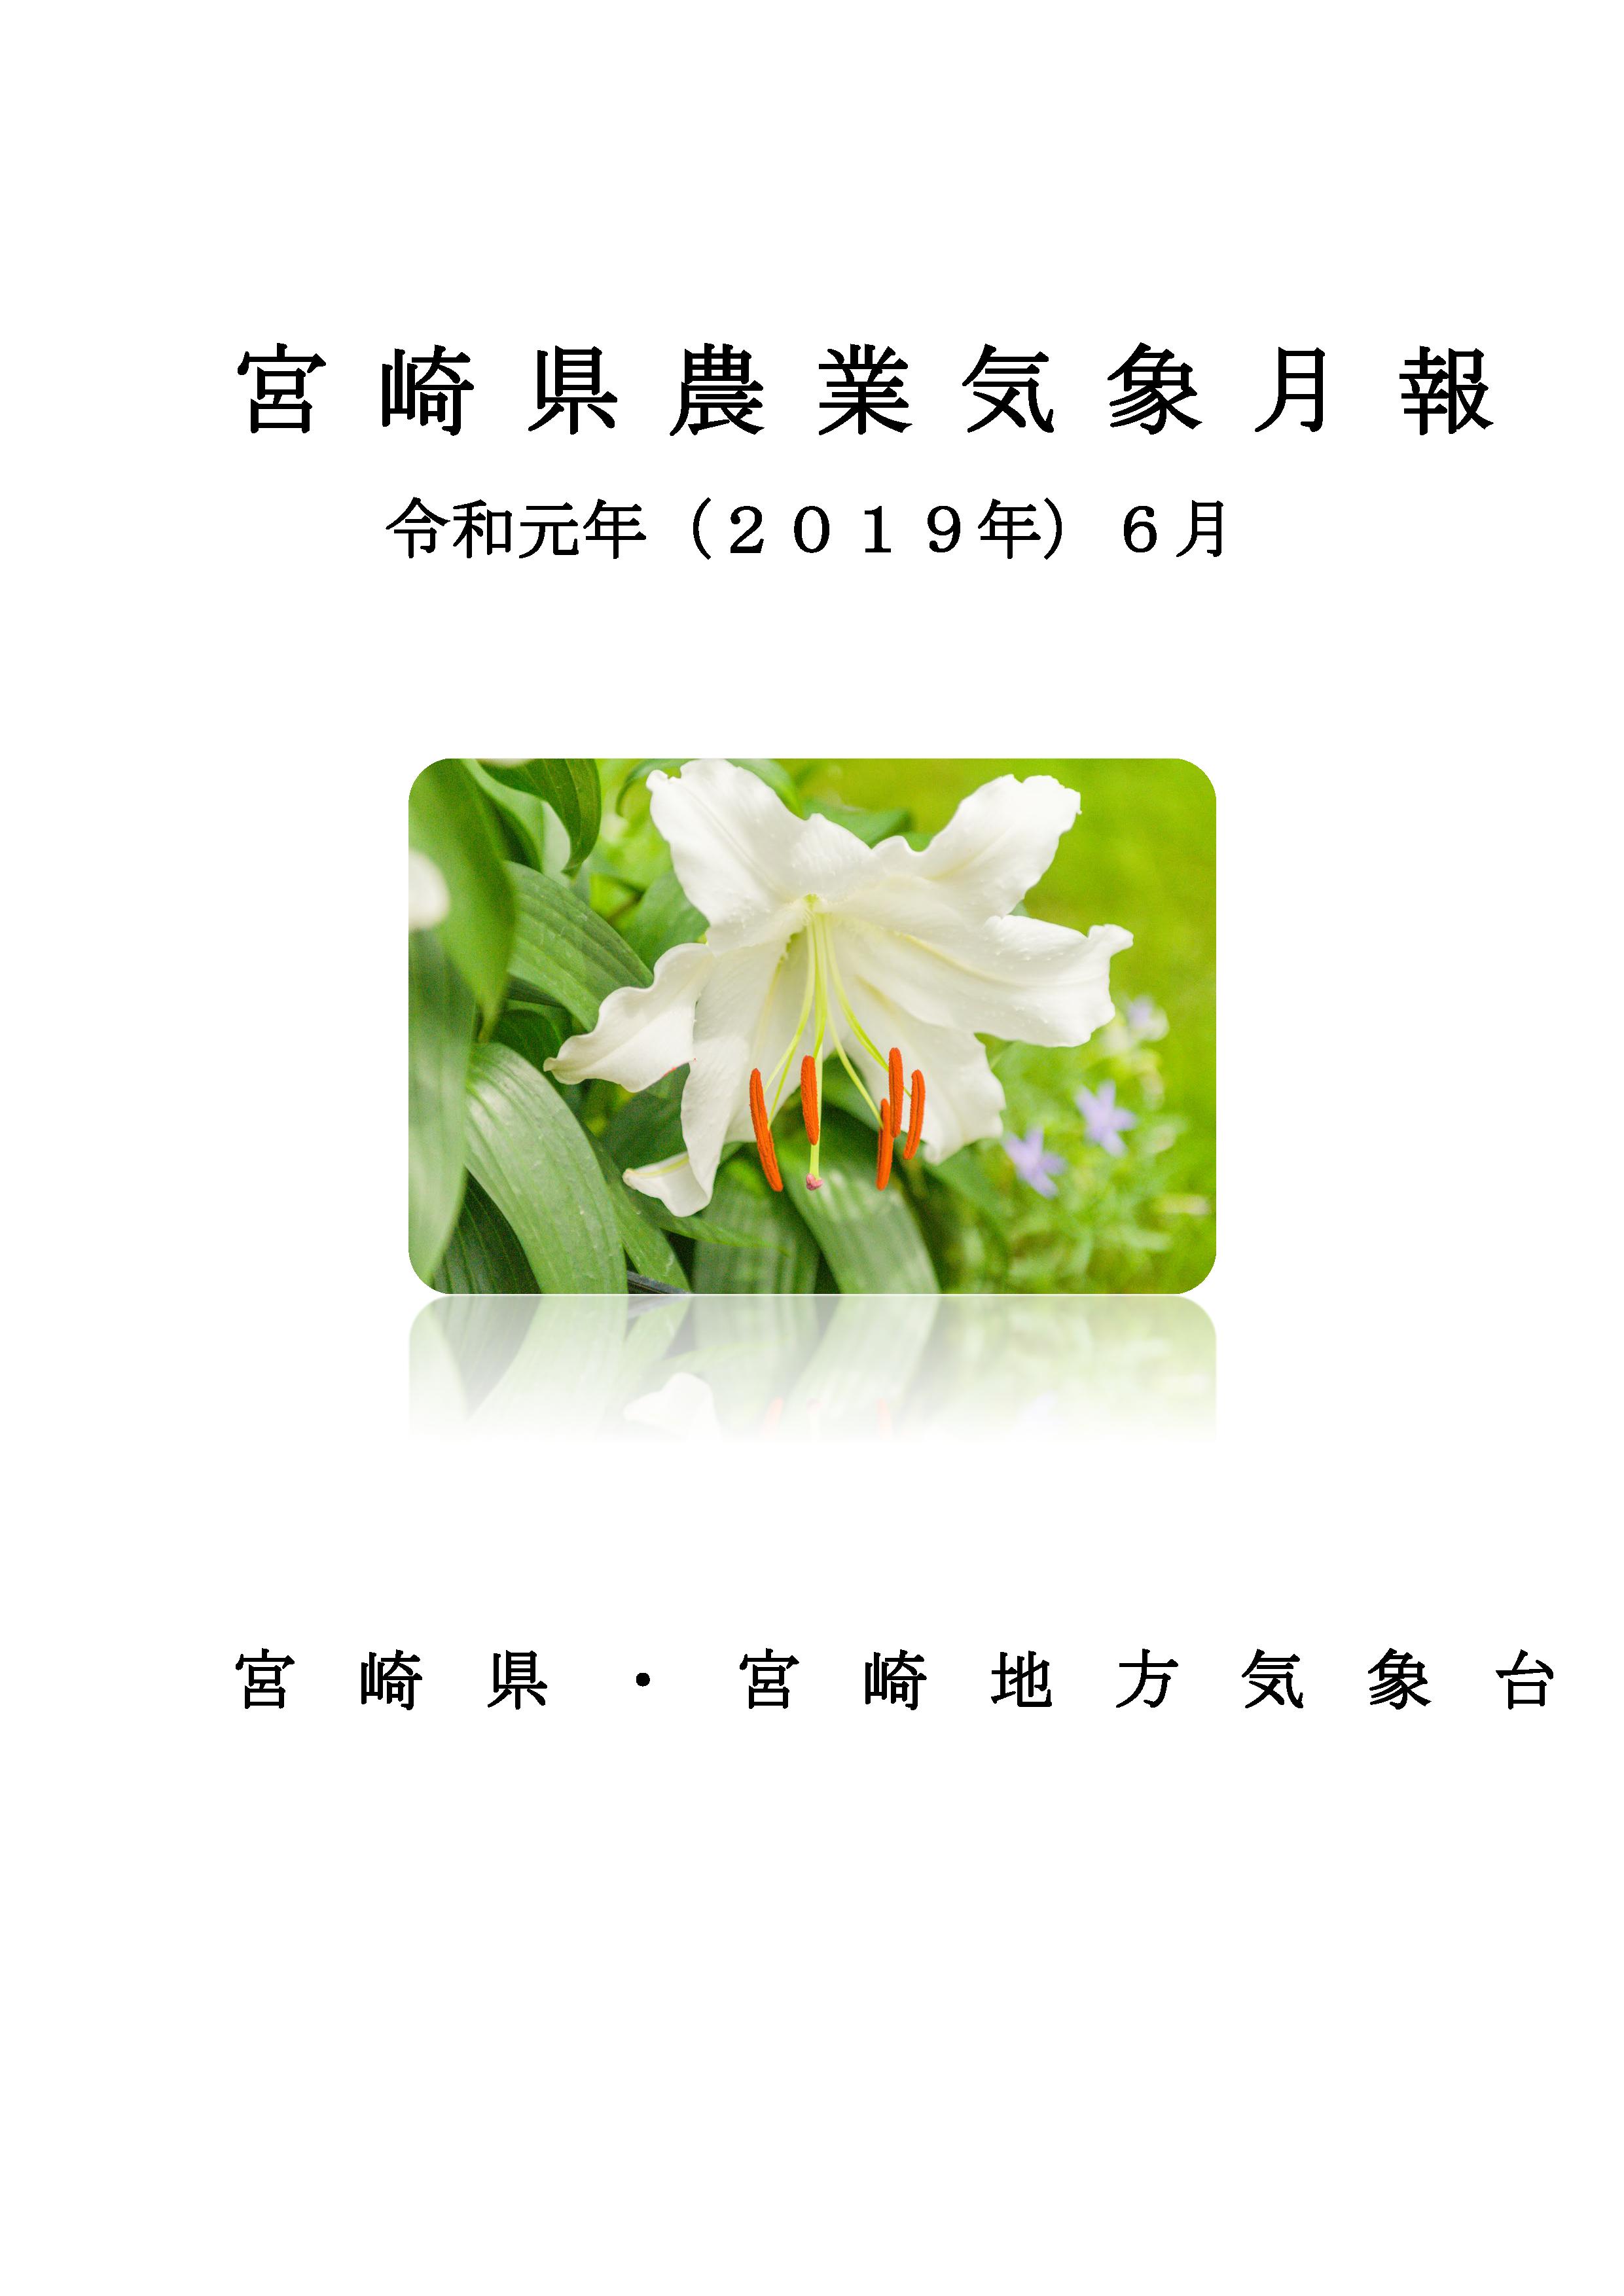 令和元年6月農業気象月報PDF